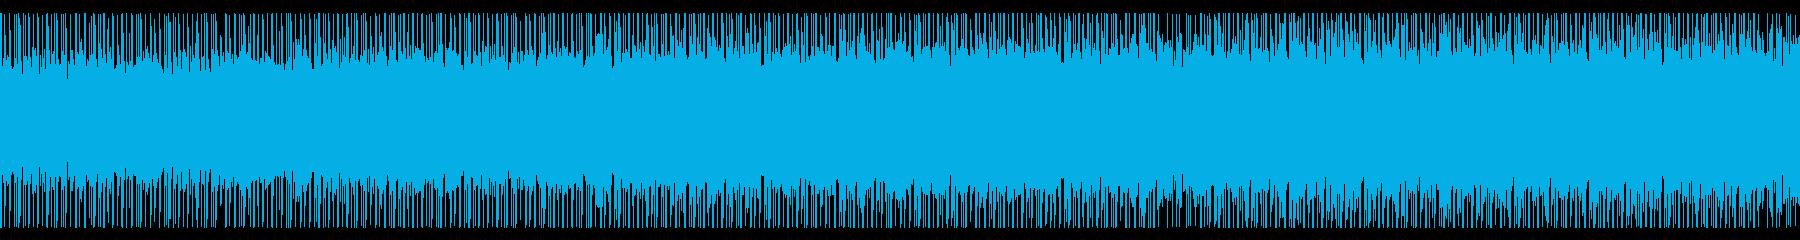 やる気を感じる(ループ)の再生済みの波形